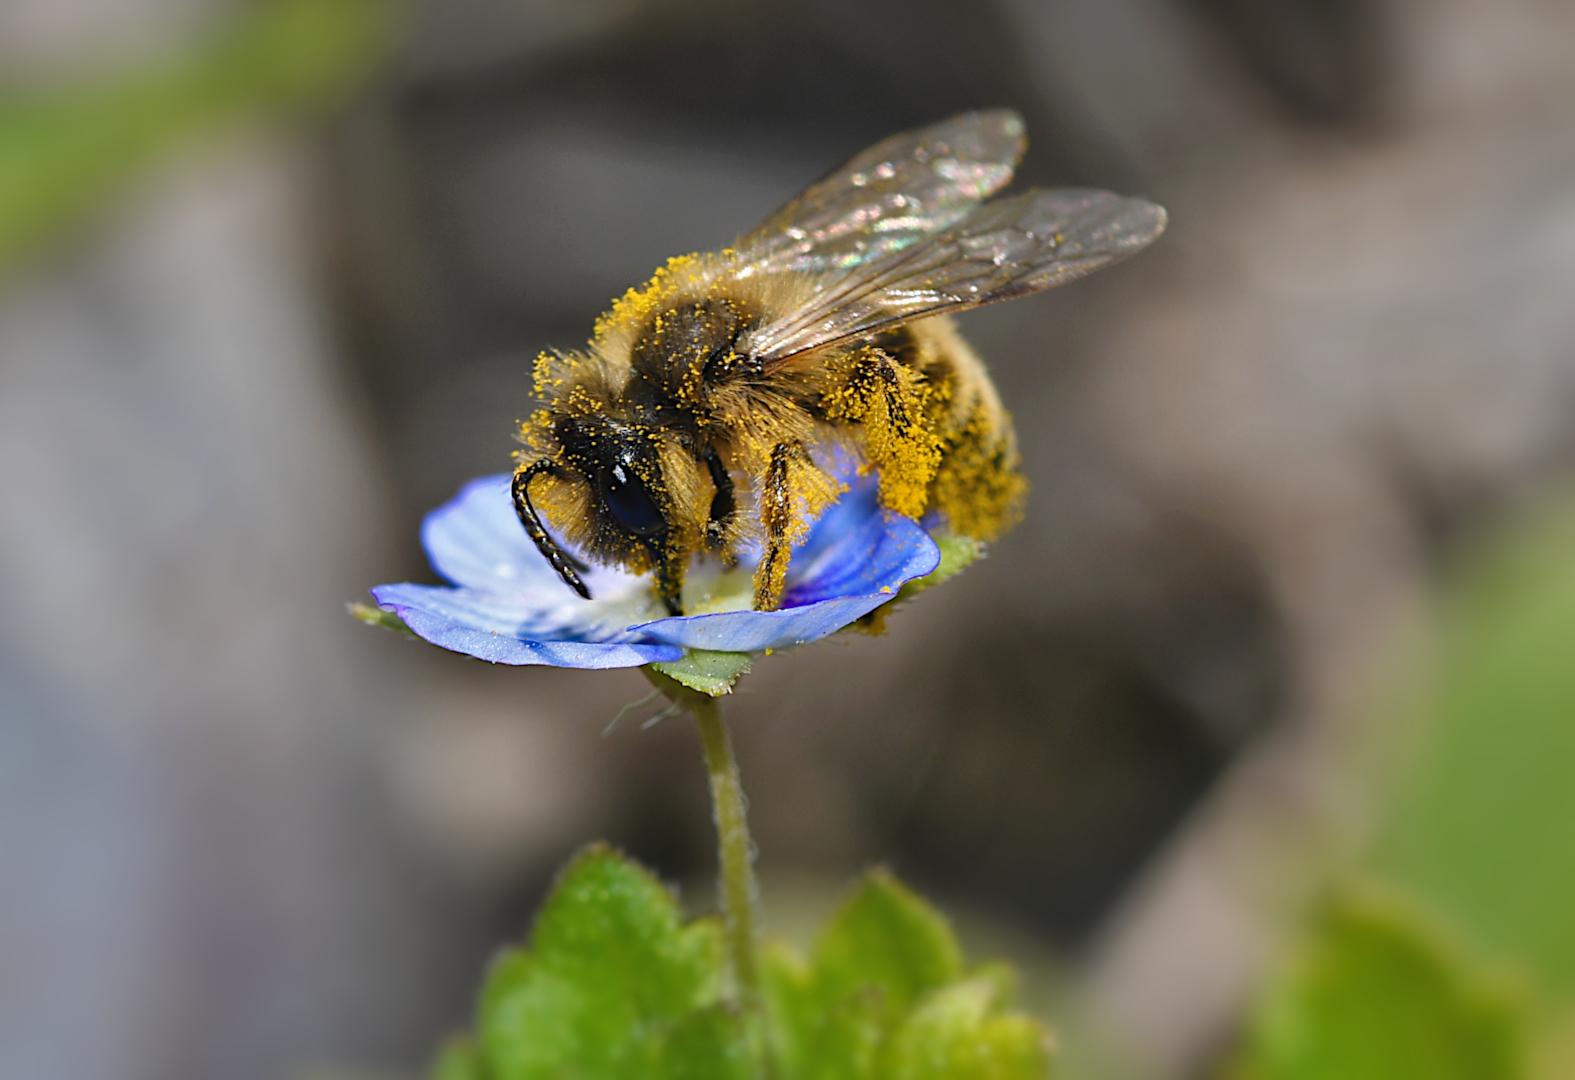 Winziges Bienchen trifft auf Persischen Ehrenpreis...